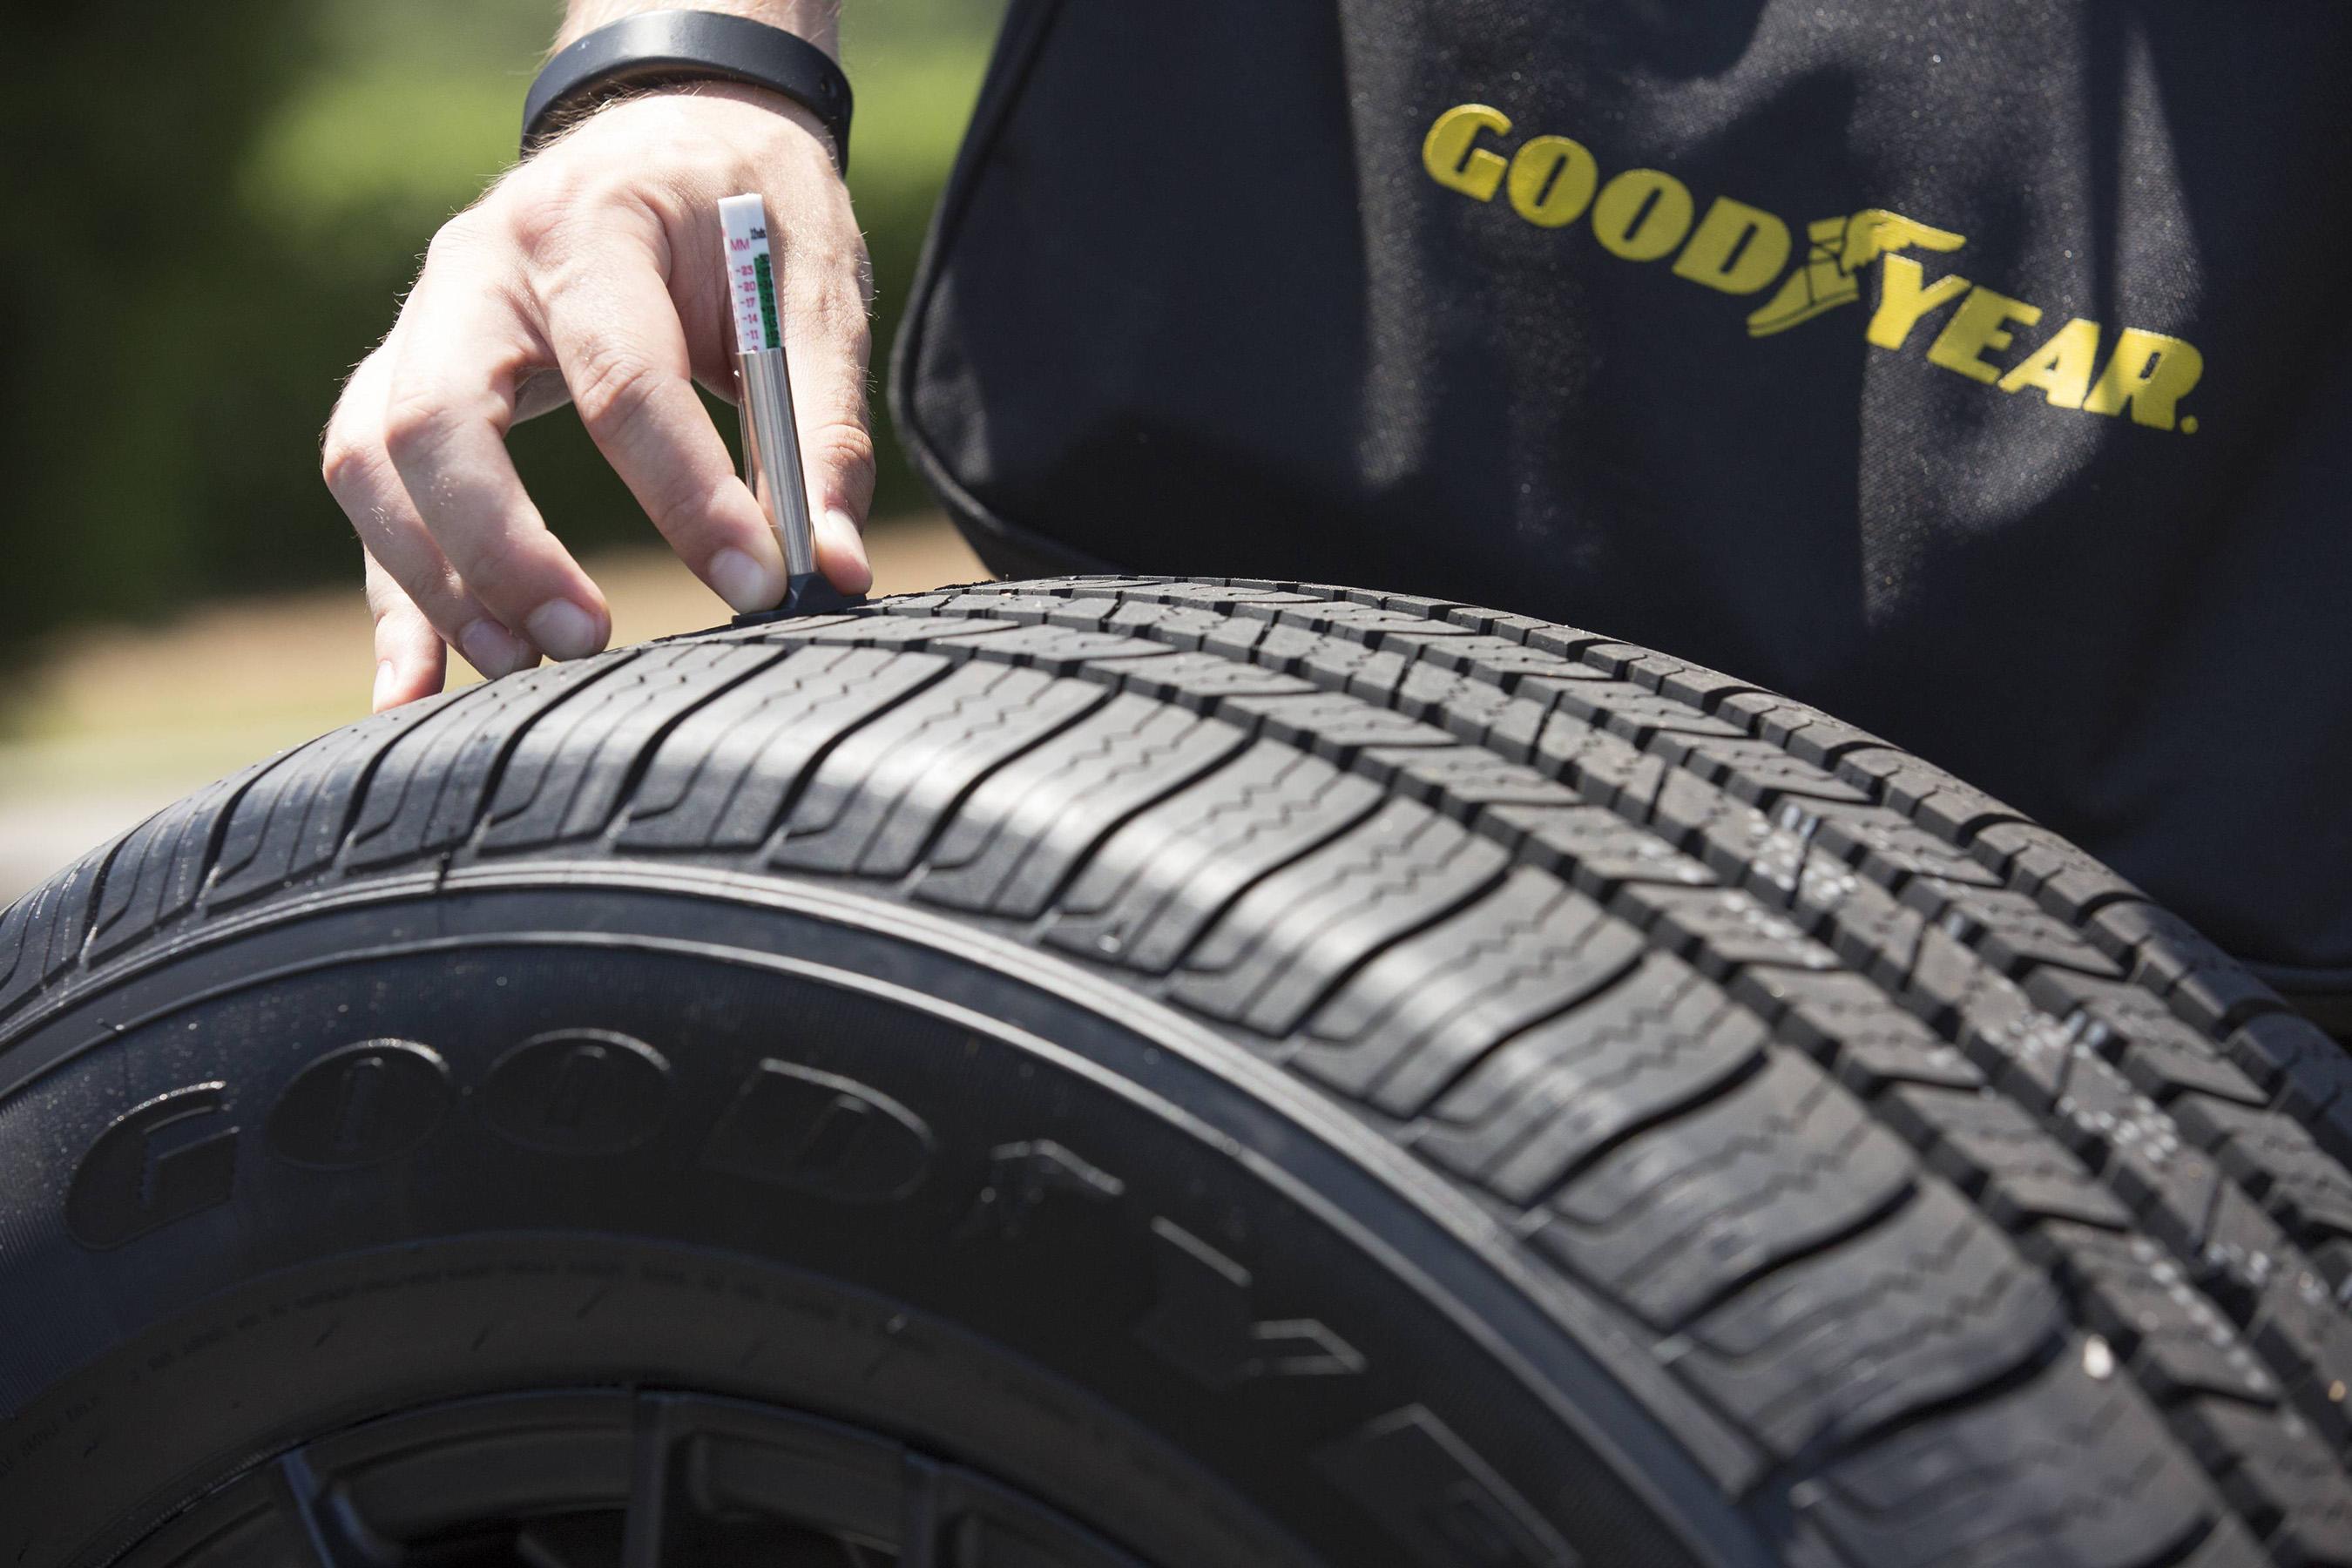 Kevin harvick at goodyear tire check